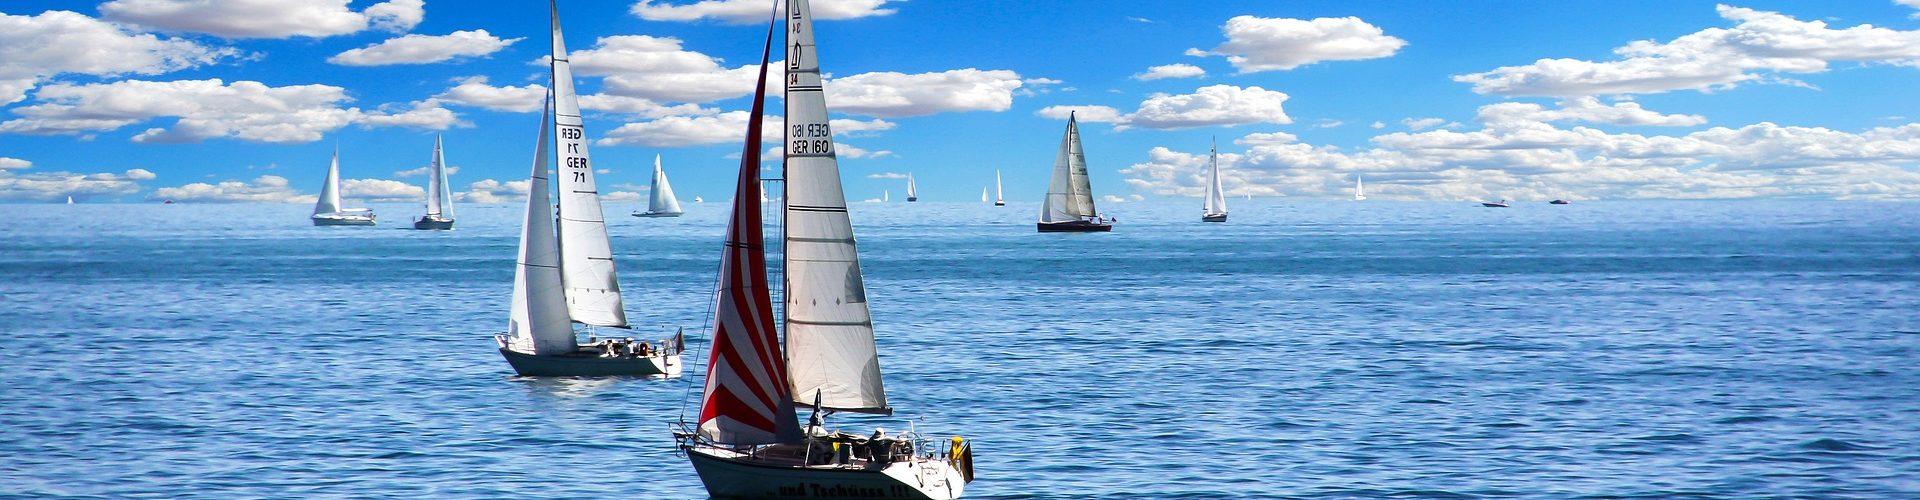 segeln lernen in Zeulenroda segelschein machen in Zeulenroda 1920x500 - Segeln lernen in Zeulenroda